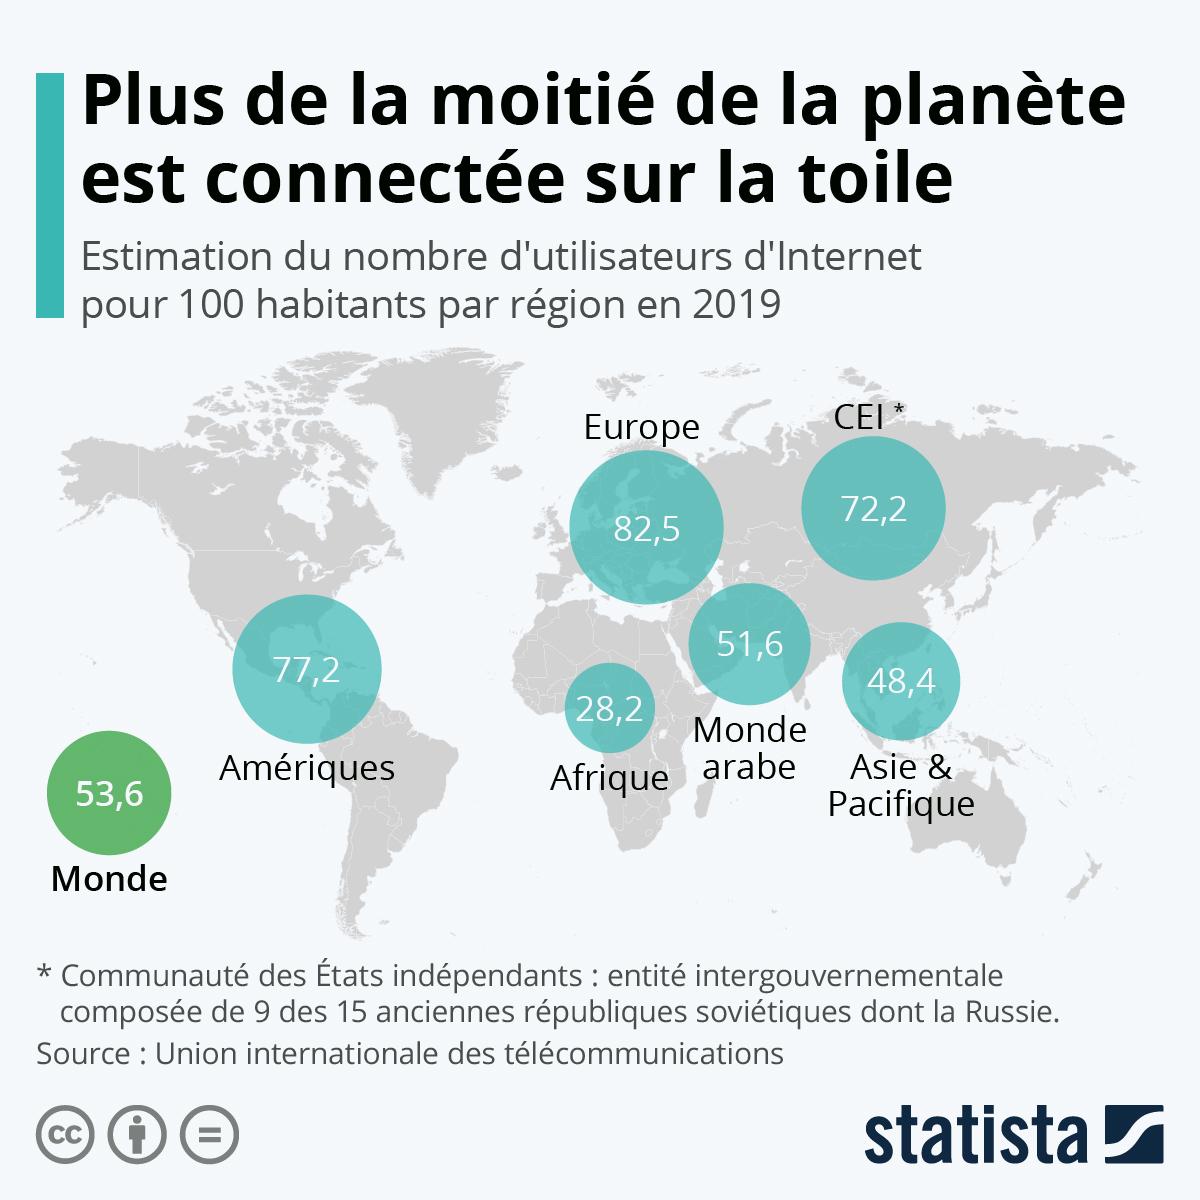 Infographie: La moitié de la planète est connectée sur la toile | Statista